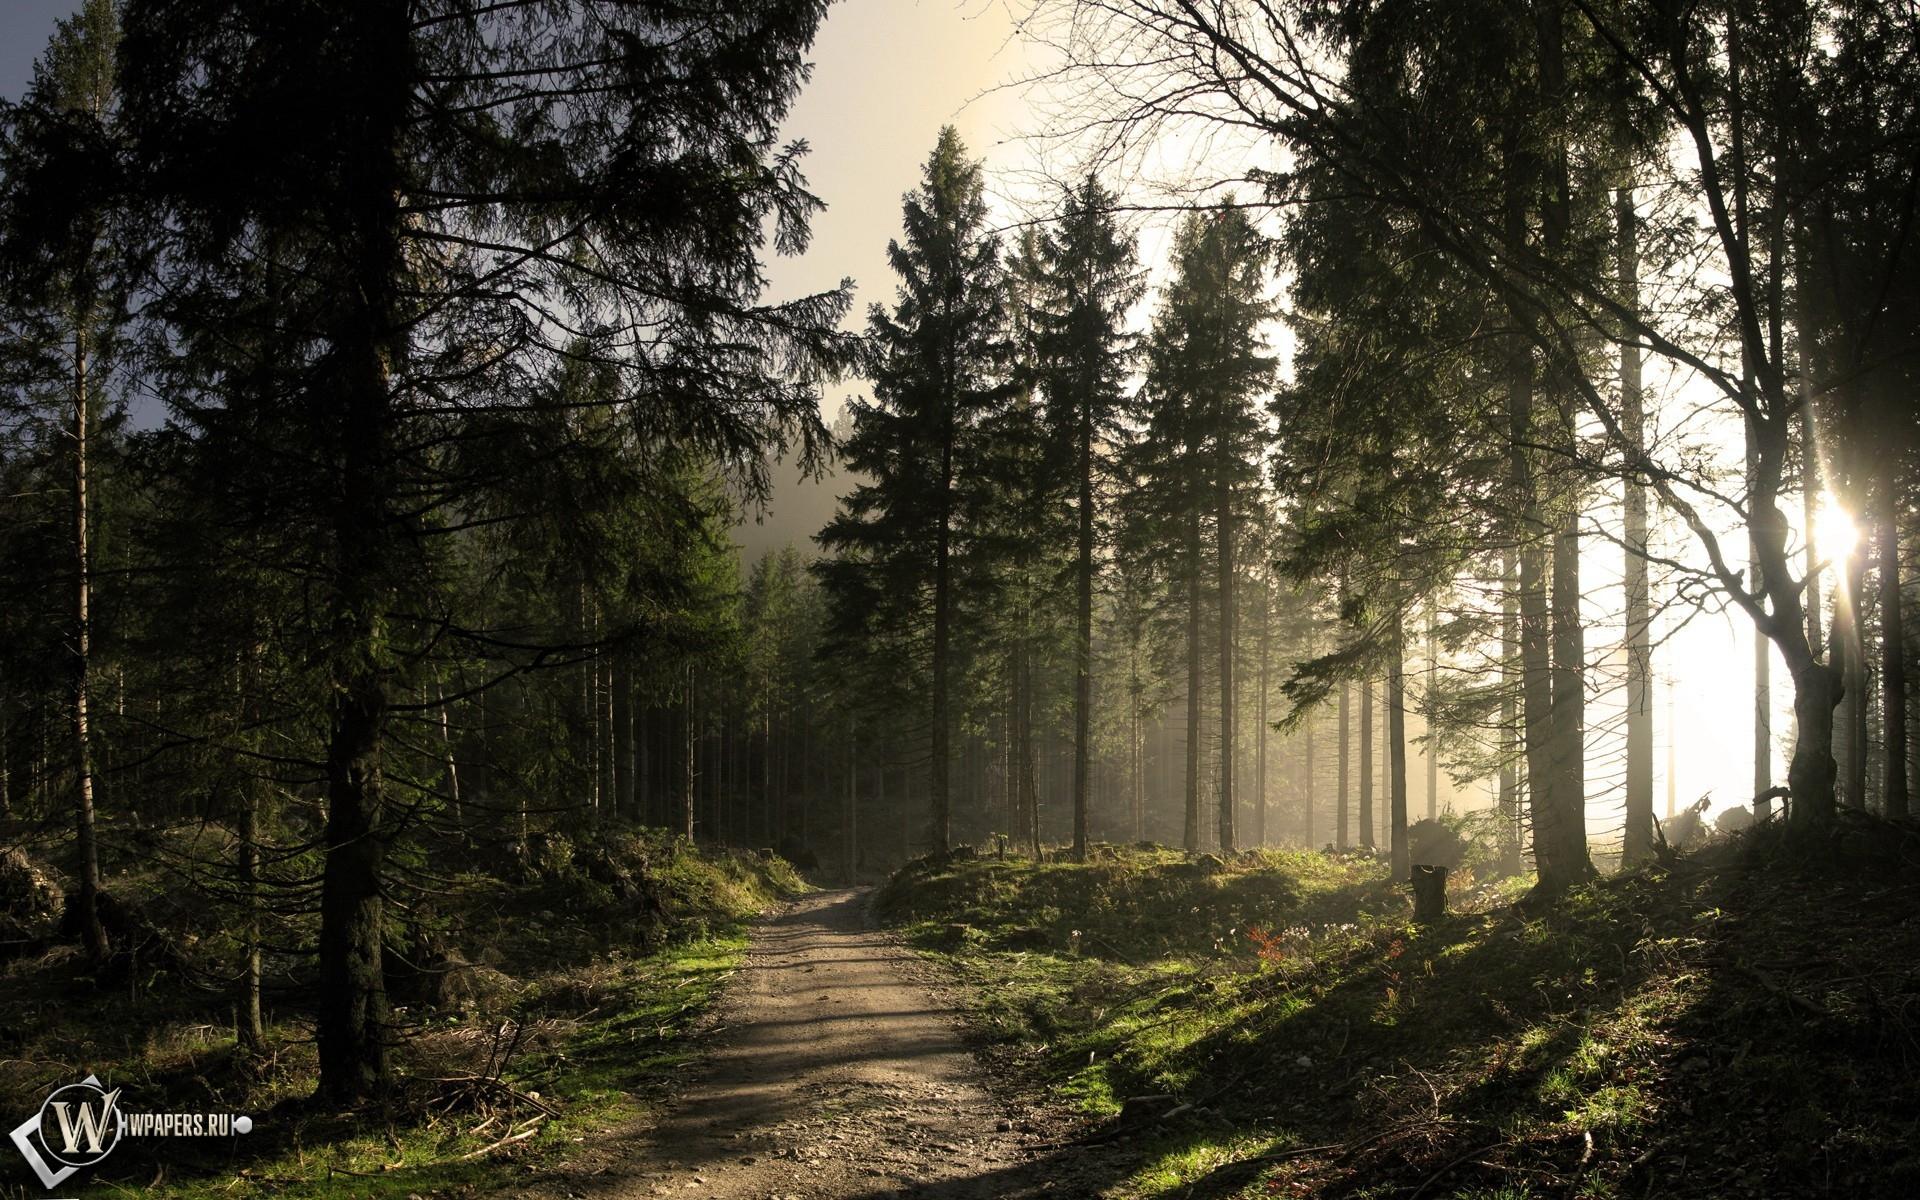 Солнечный лес 1920x1200